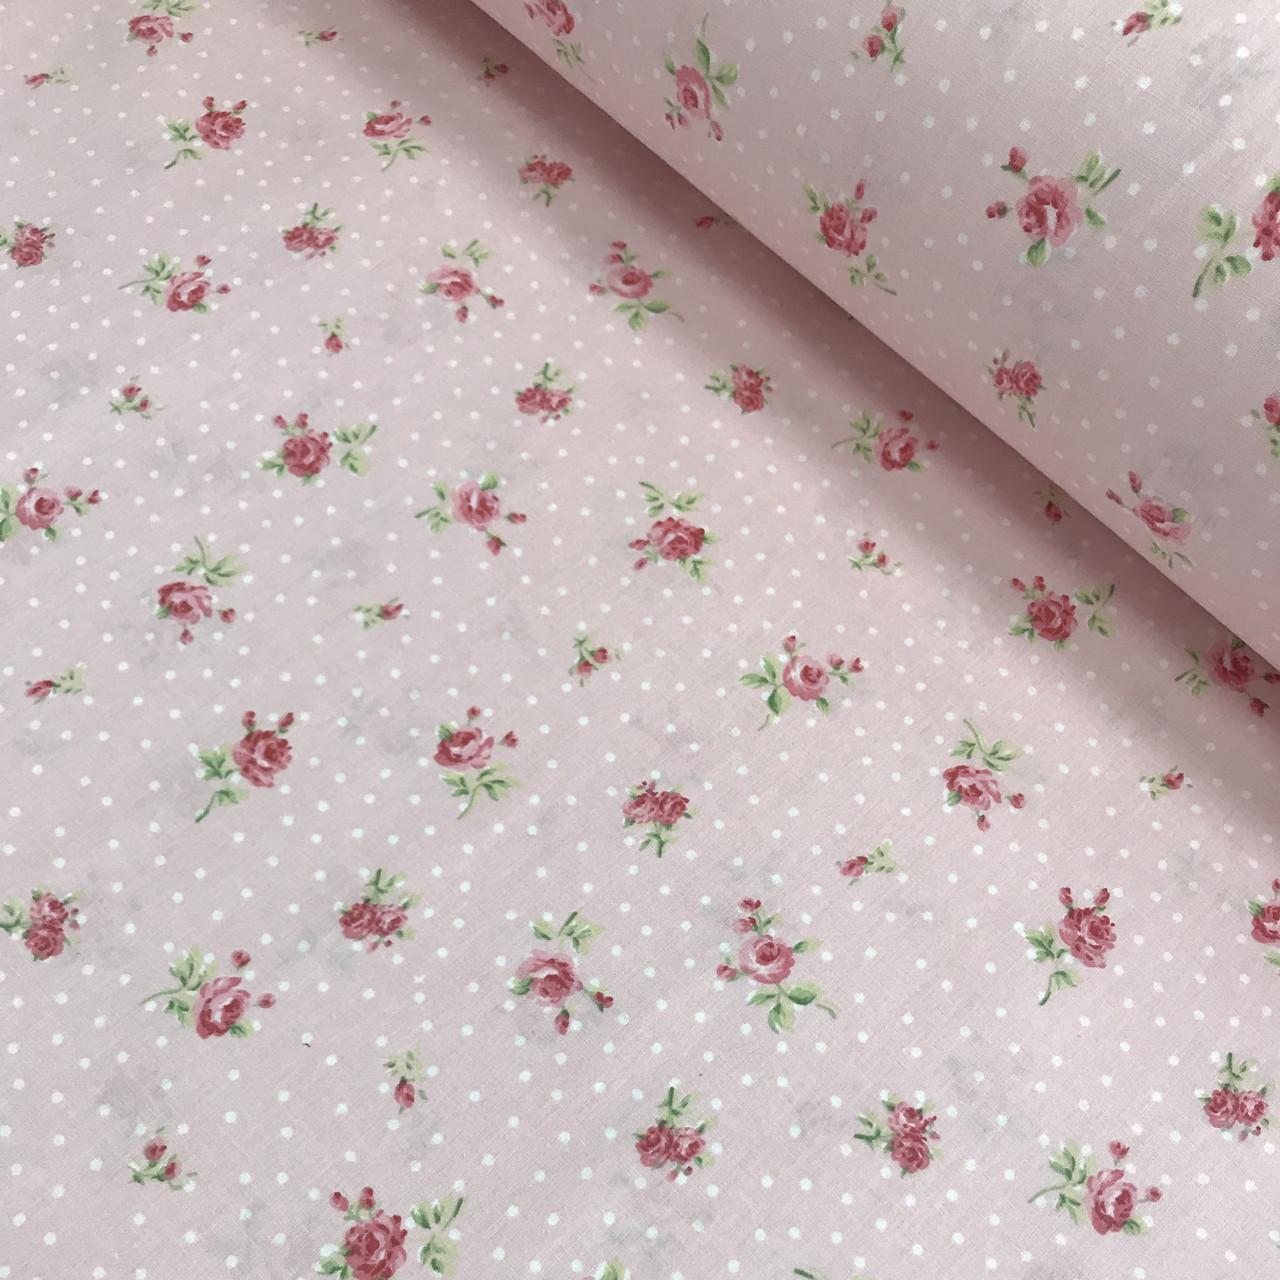 Ткань поплин розовые цветы с белым горохом на розовом (ТУРЦИЯ шир. 2,4 м) №33-05